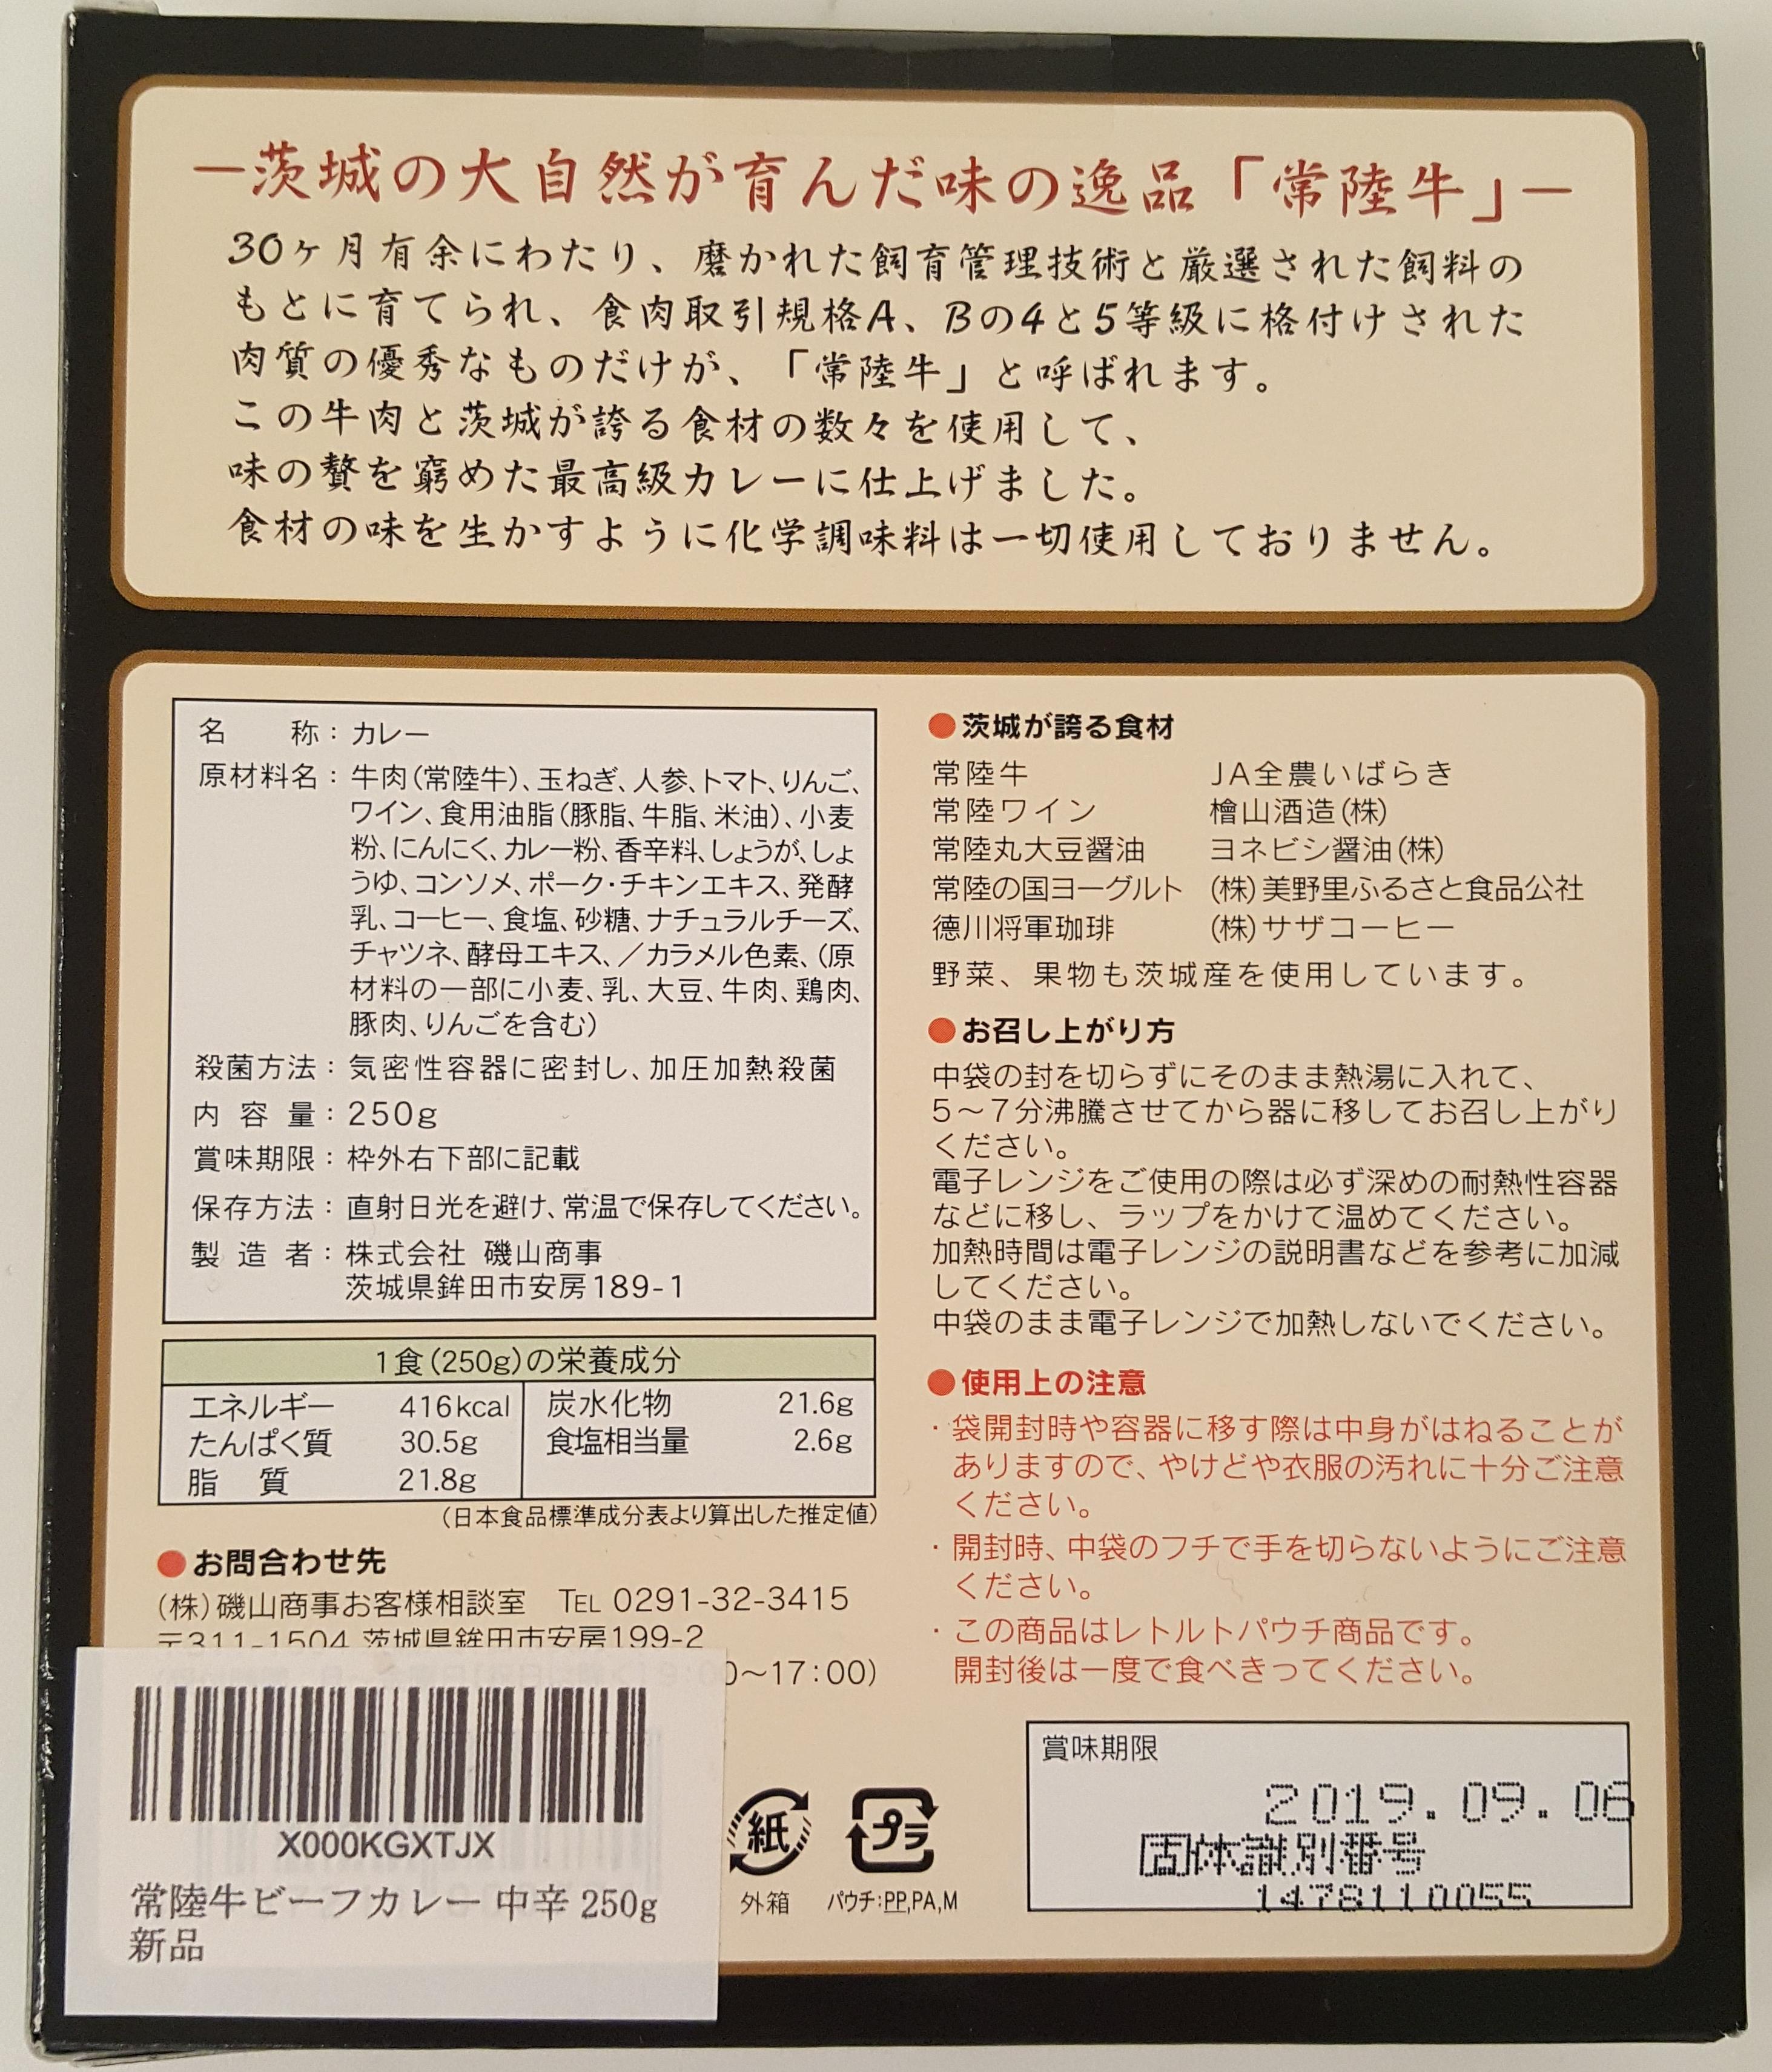 西たまえ_2.jpg